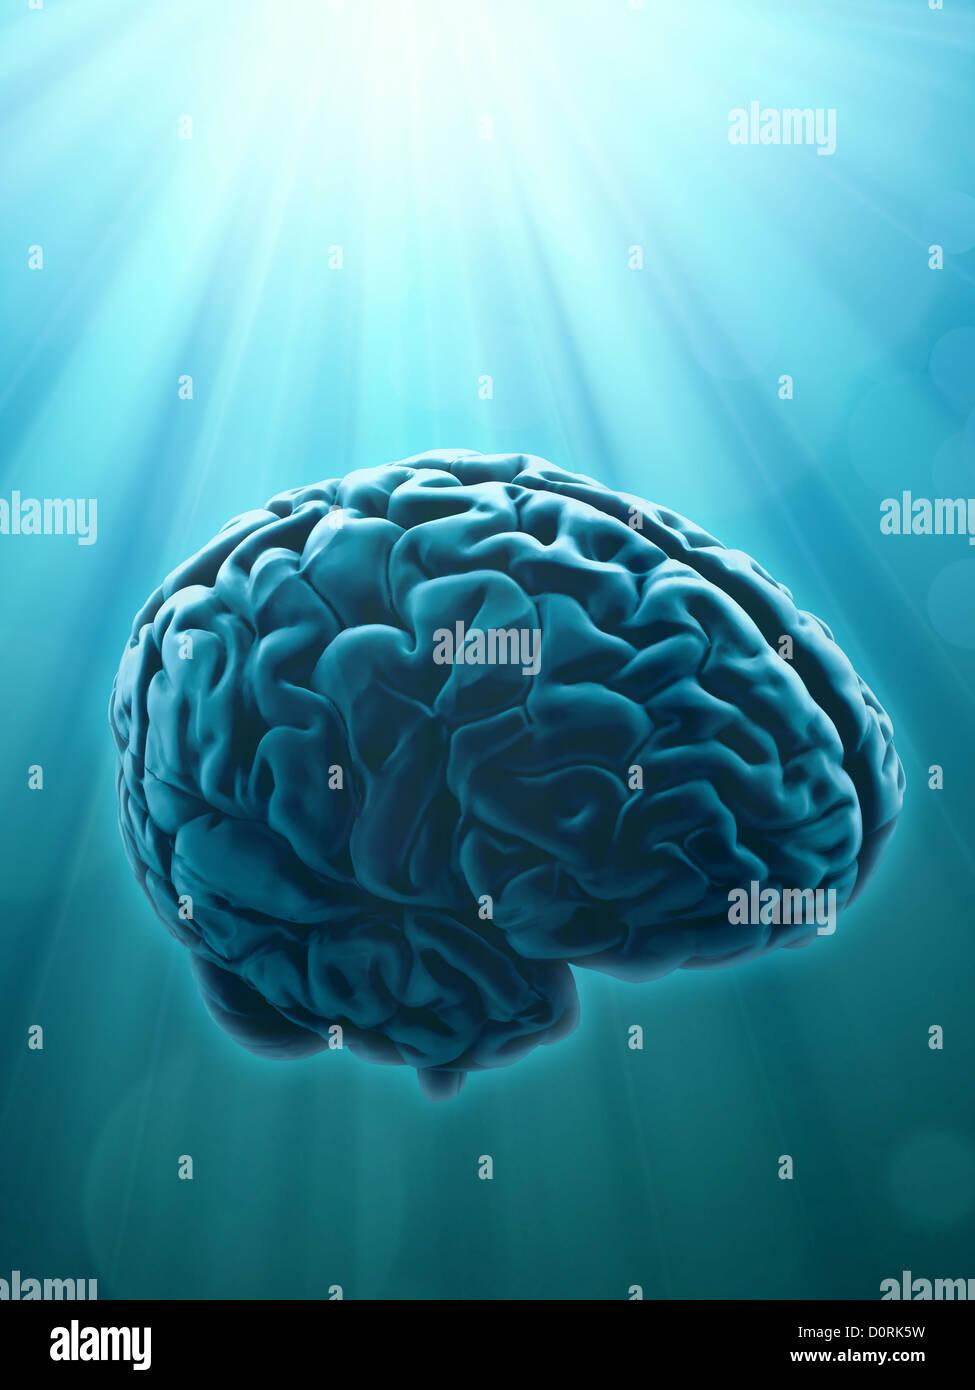 Conoscenza e Creatività concetto Immagini Stock